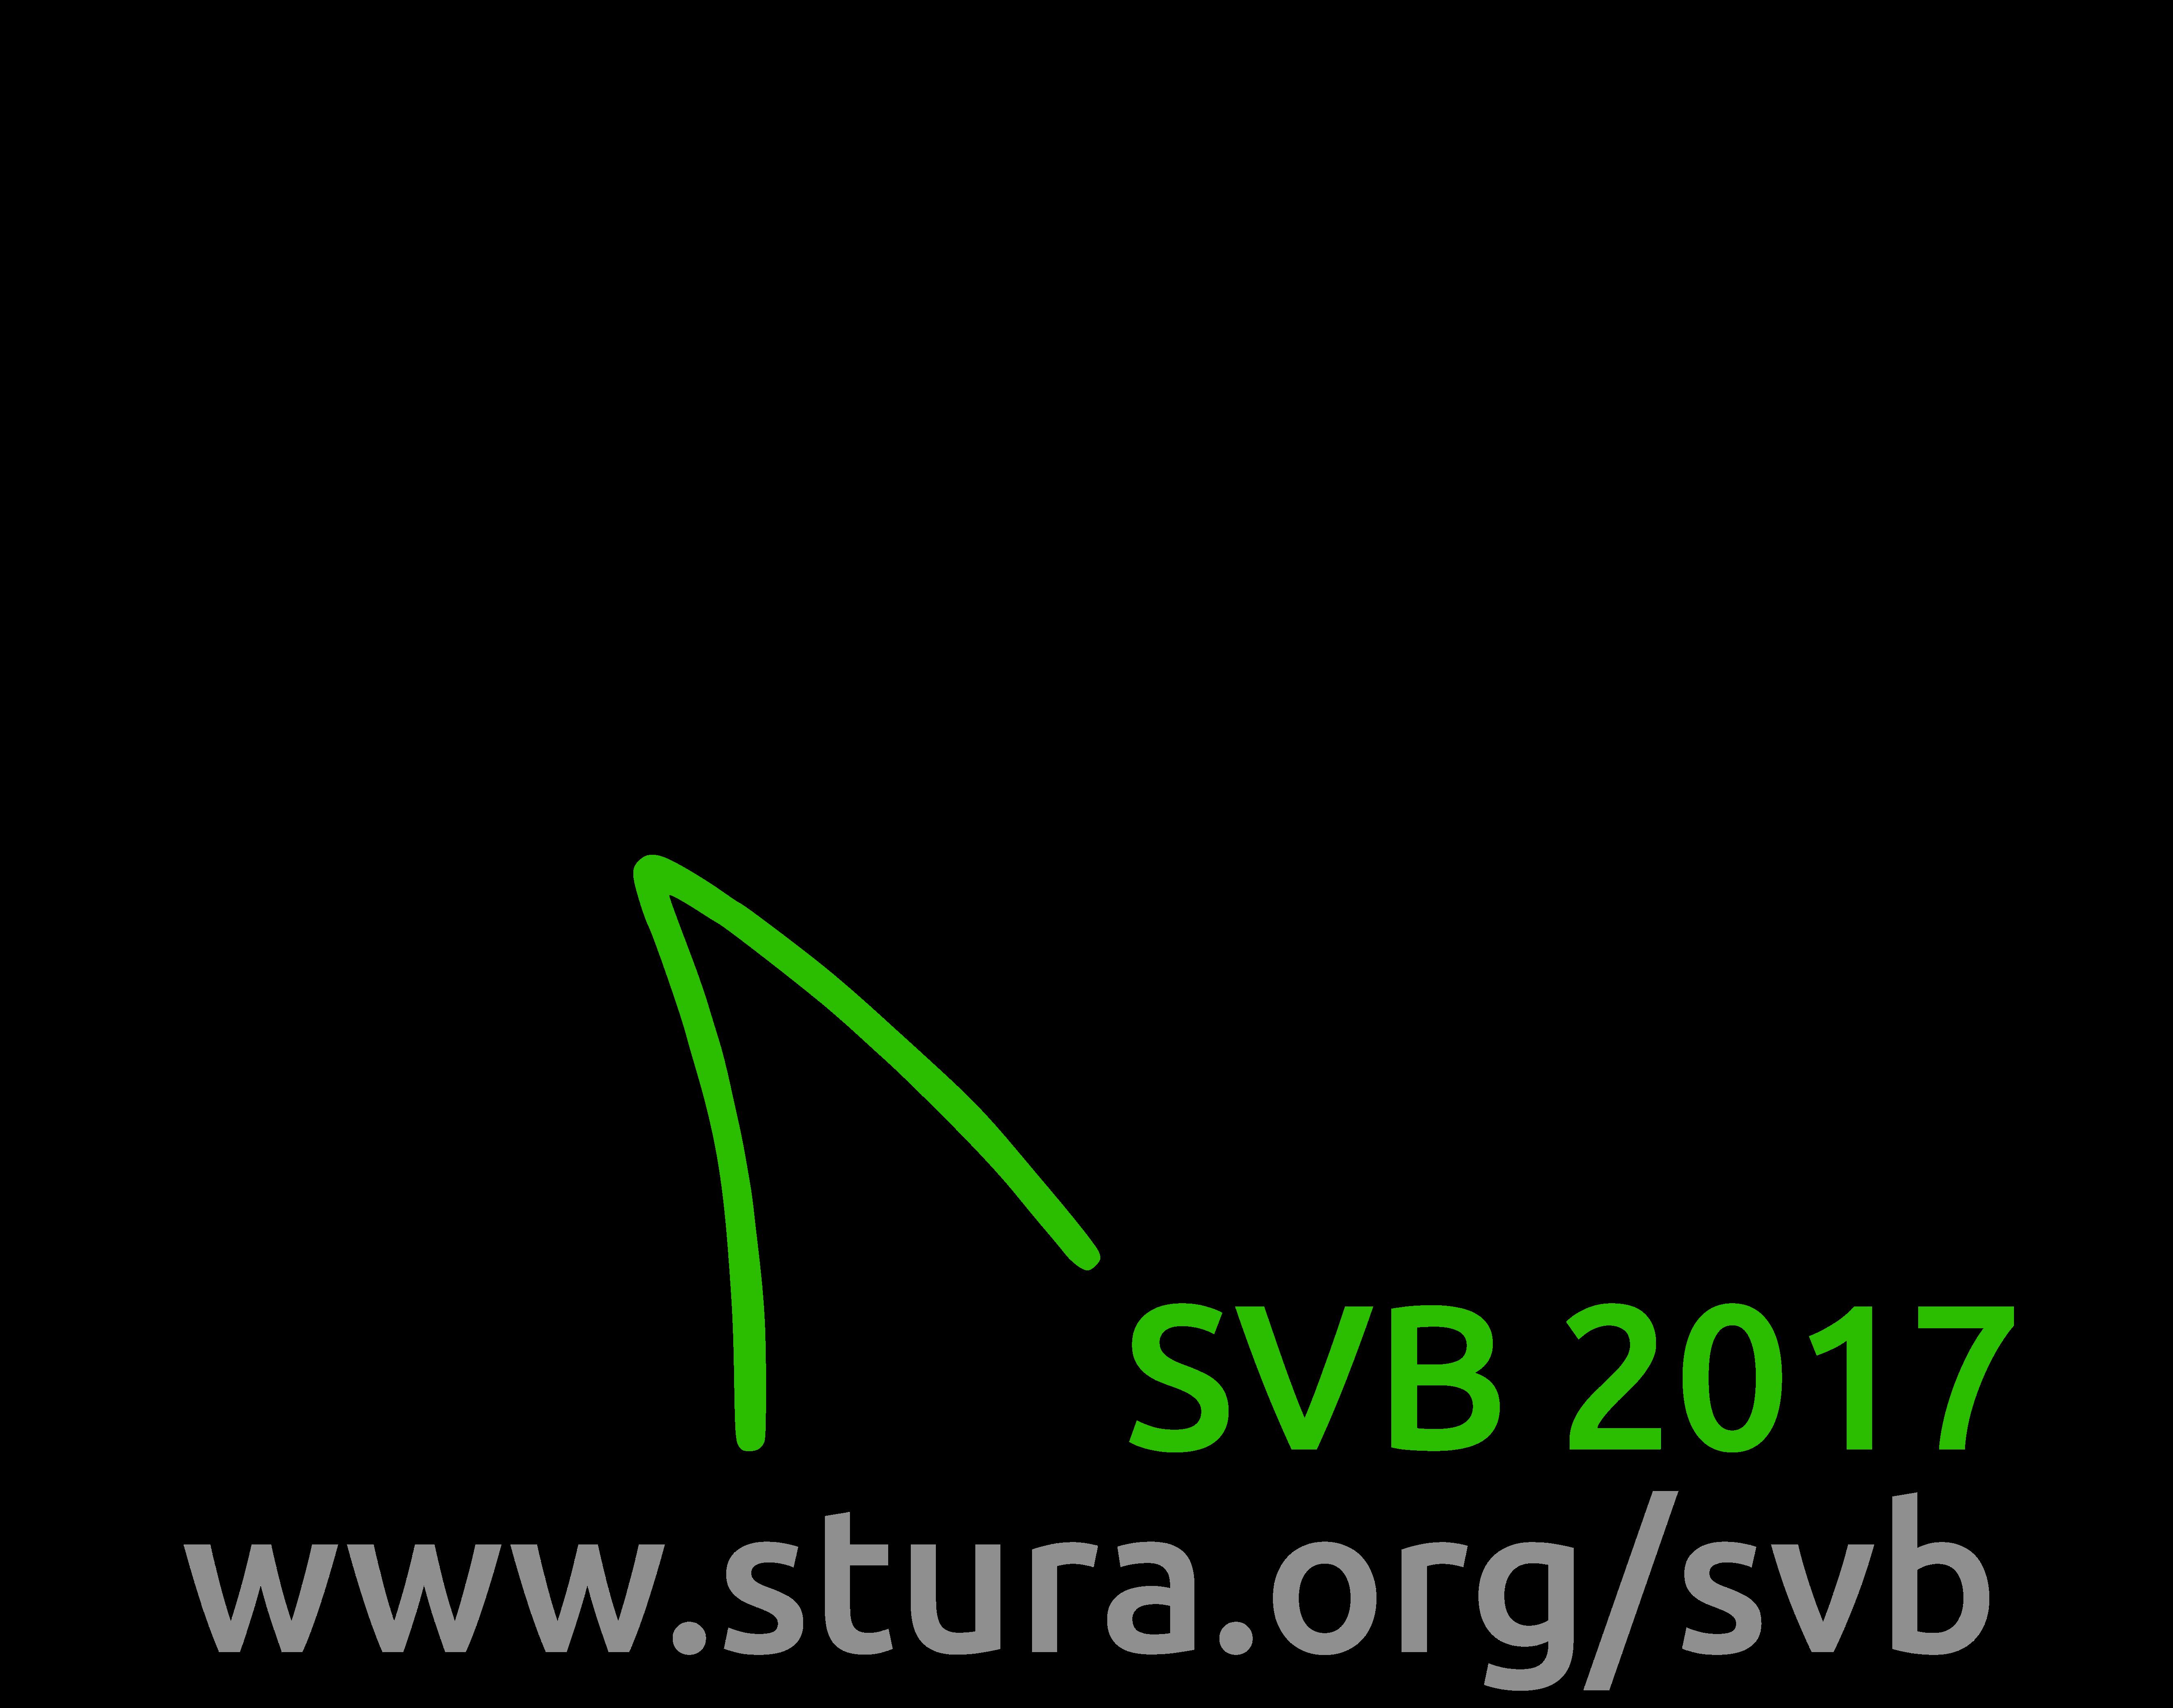 svb_2017